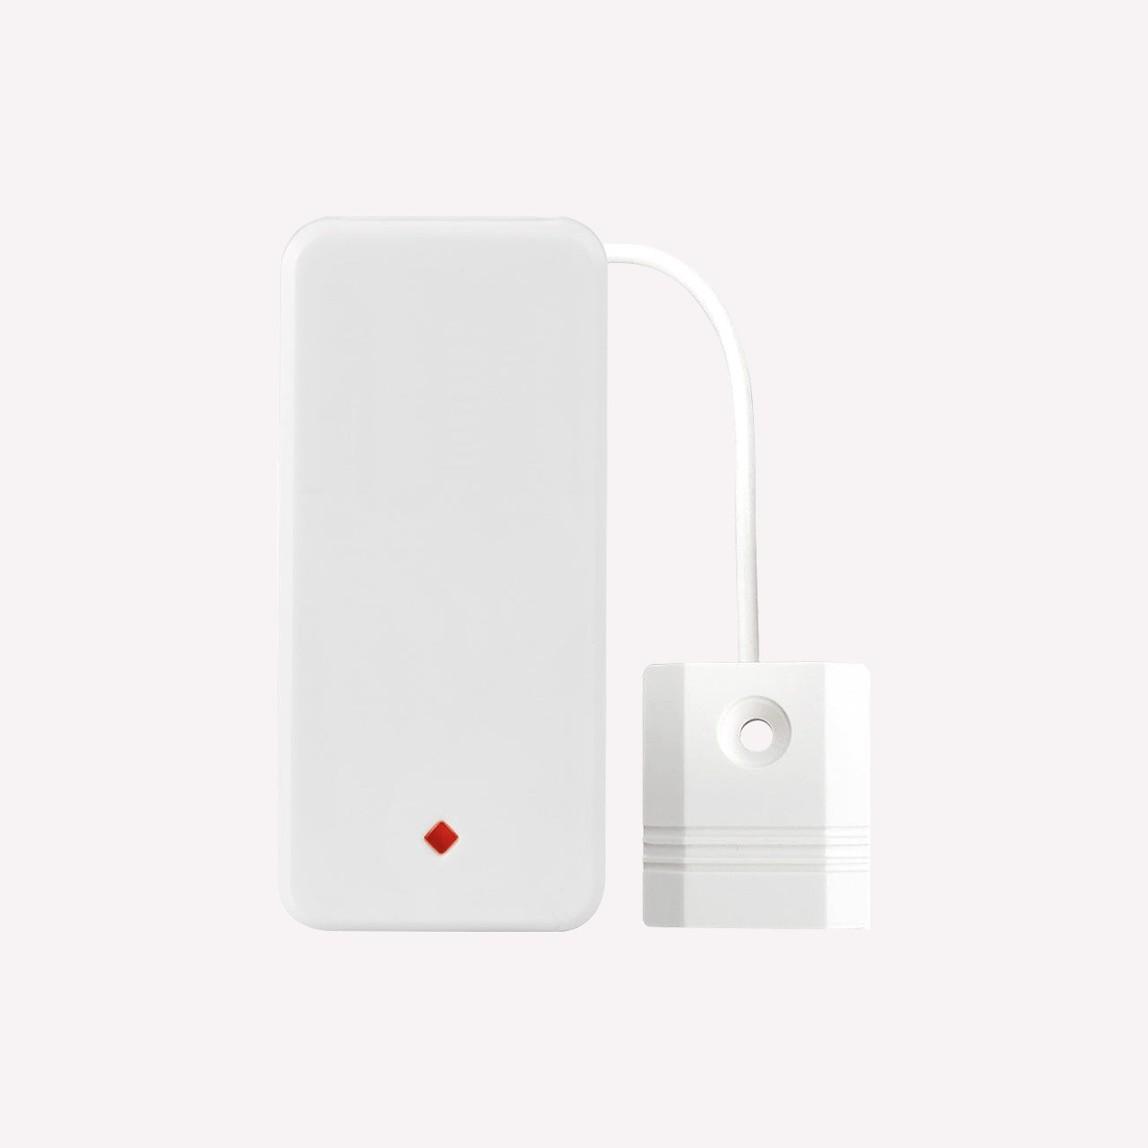 Fonri Su Basma Sensörü DSG010